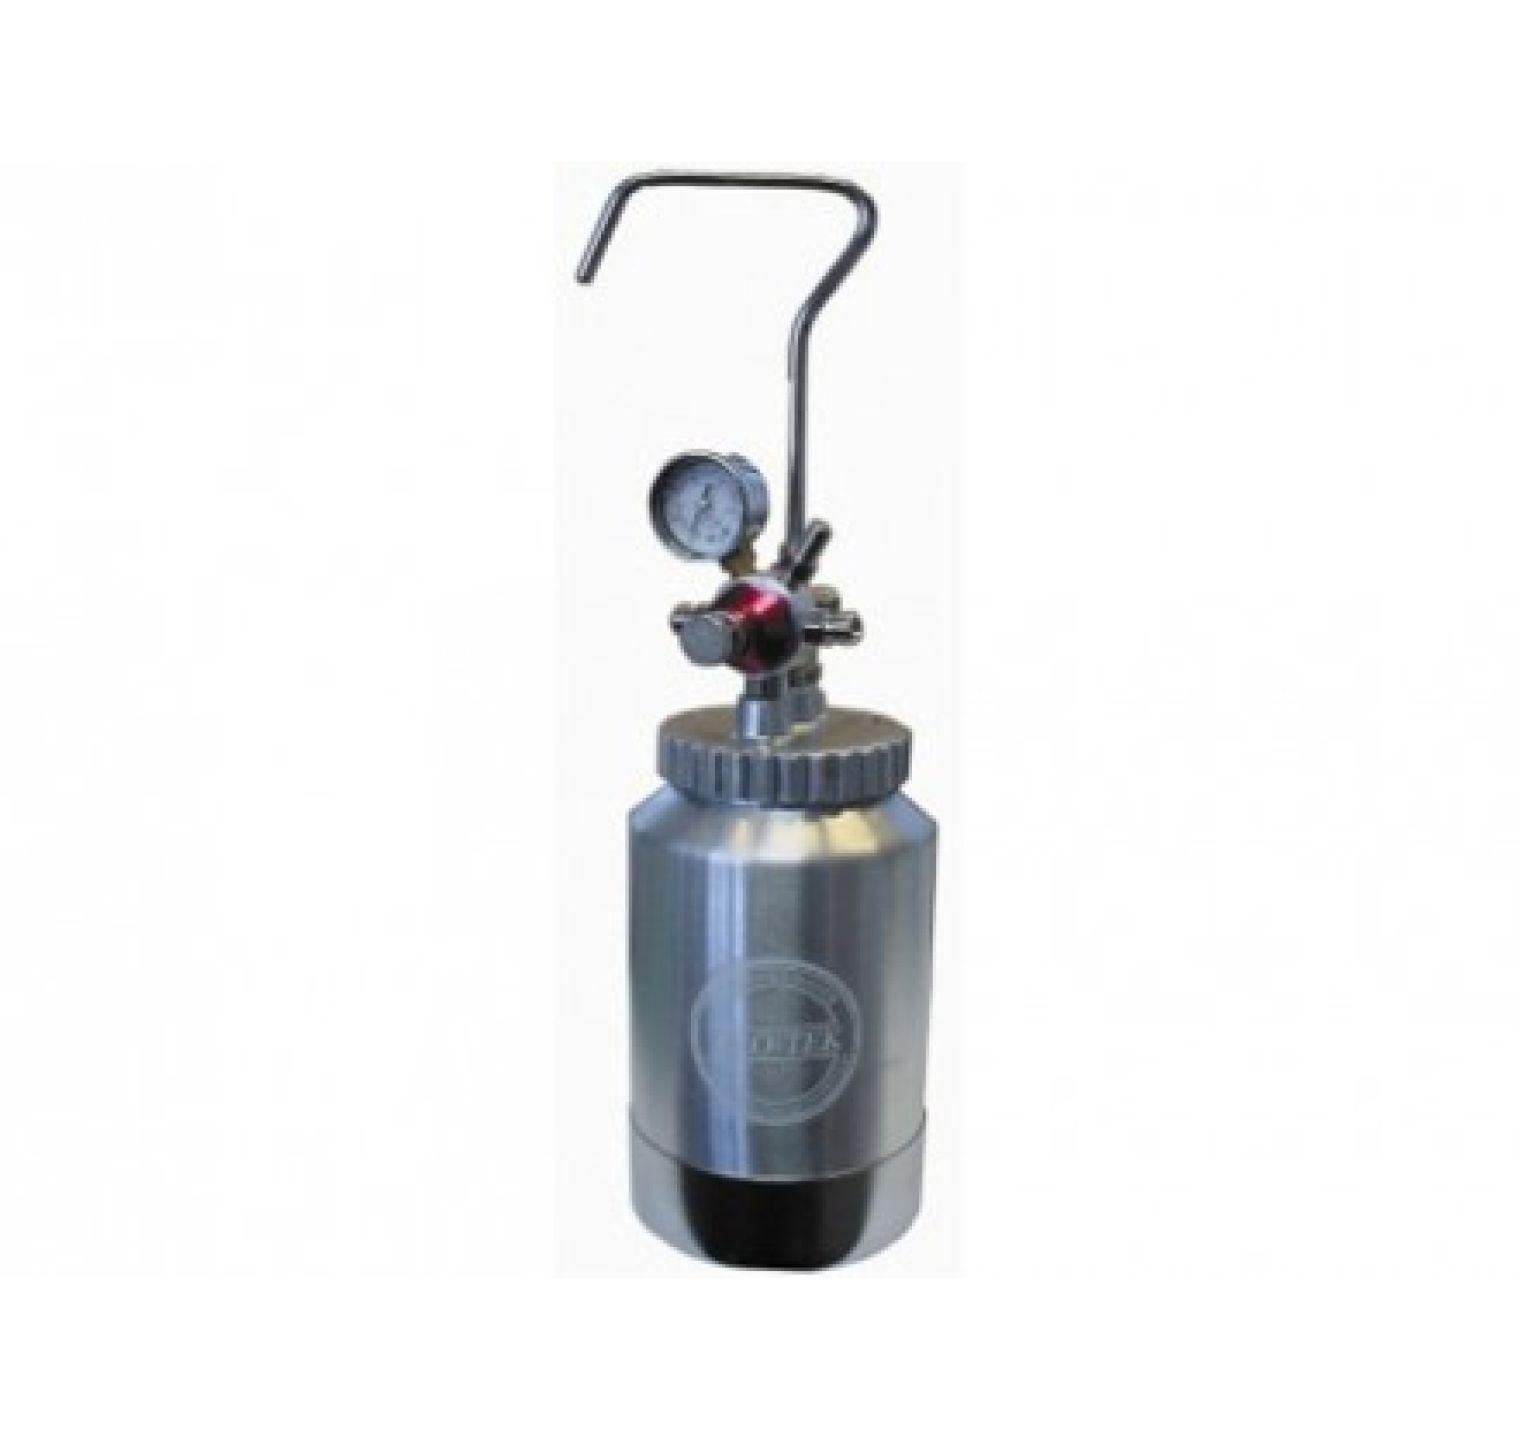 Protek Drukvat 2 Liter